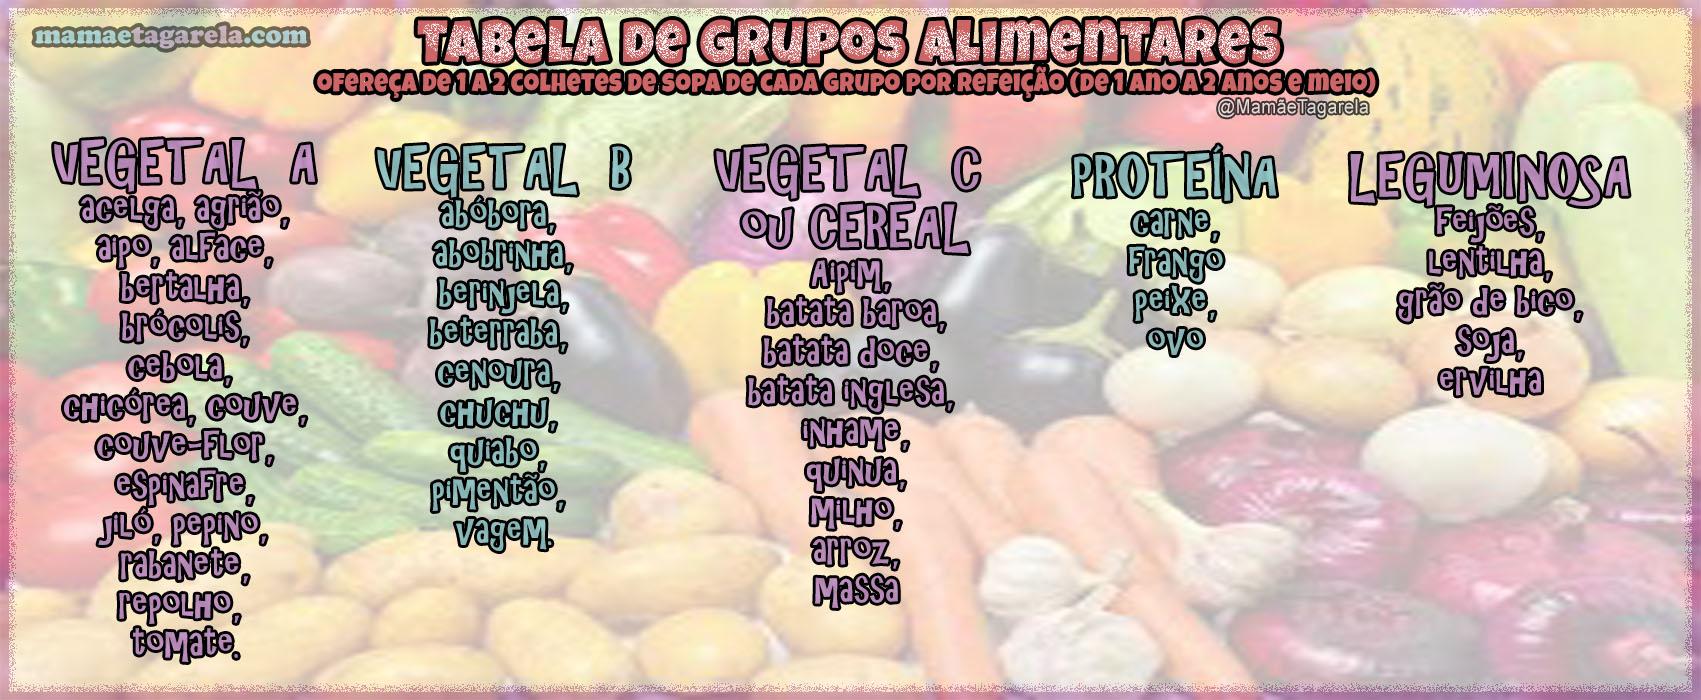 tabela de grupos alimentares Como Montar oPrato Ideal Paraas Criancas